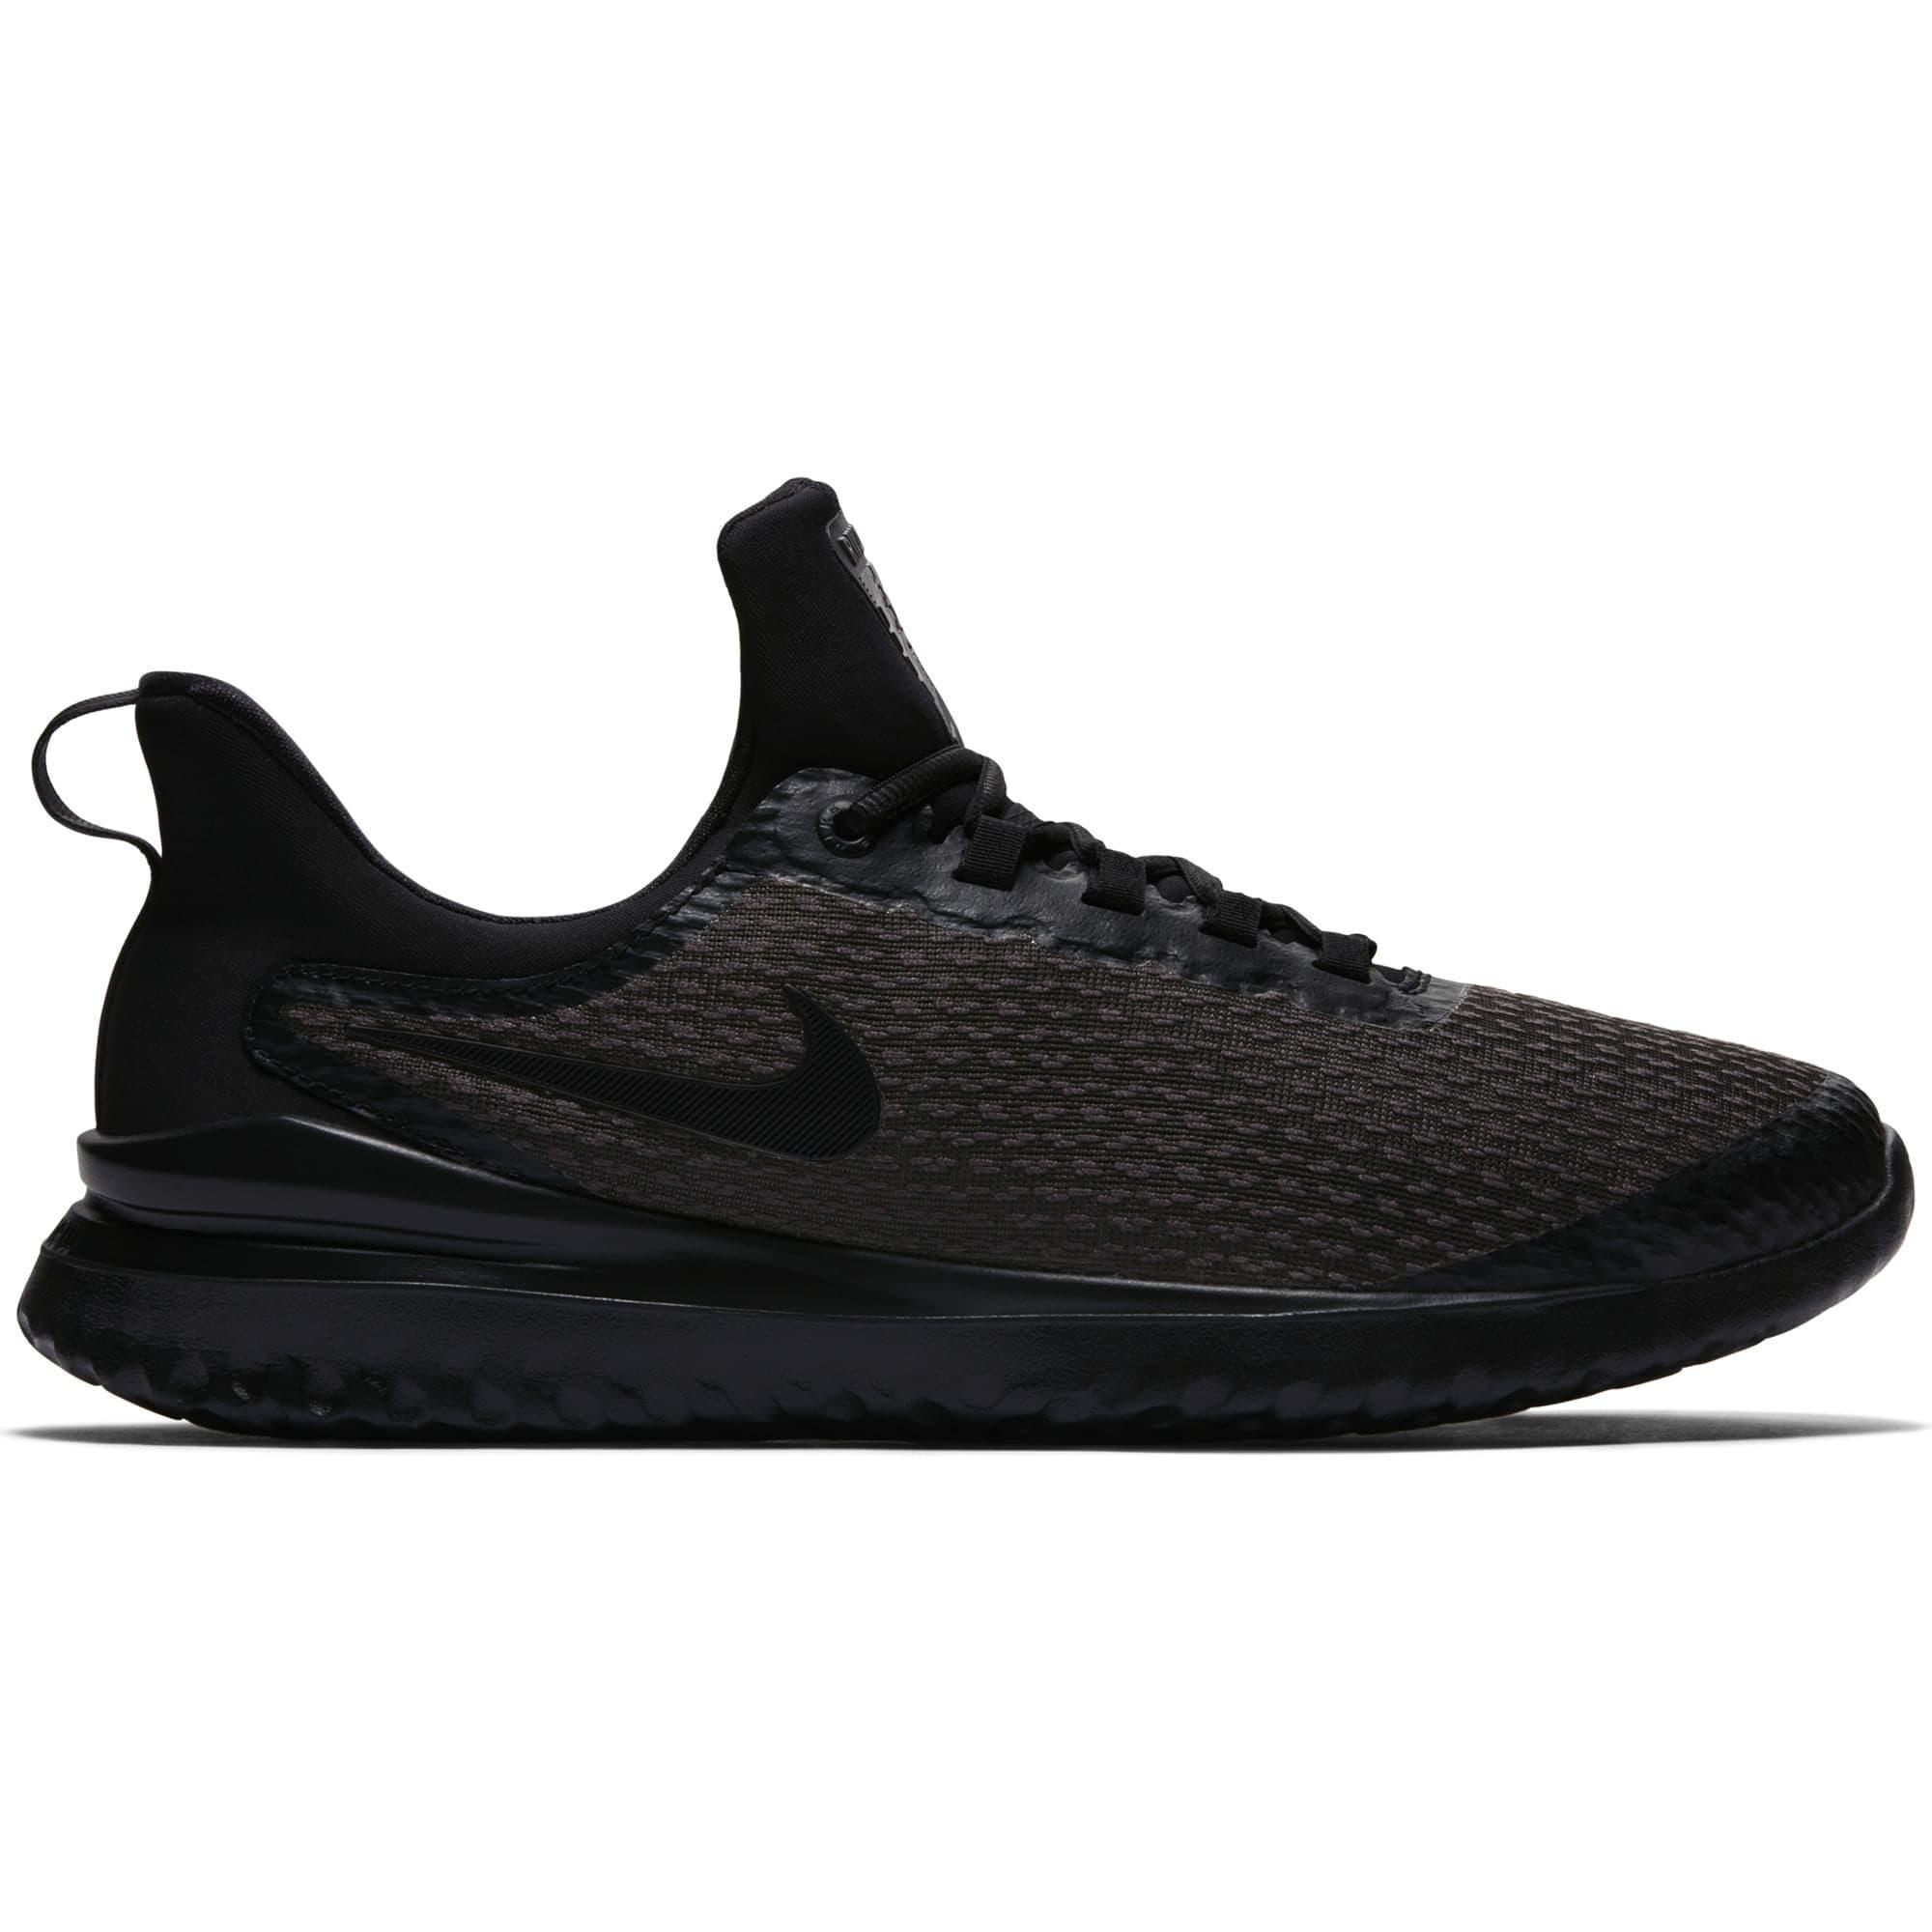 Nike Renew Rival miesten juoksukengät